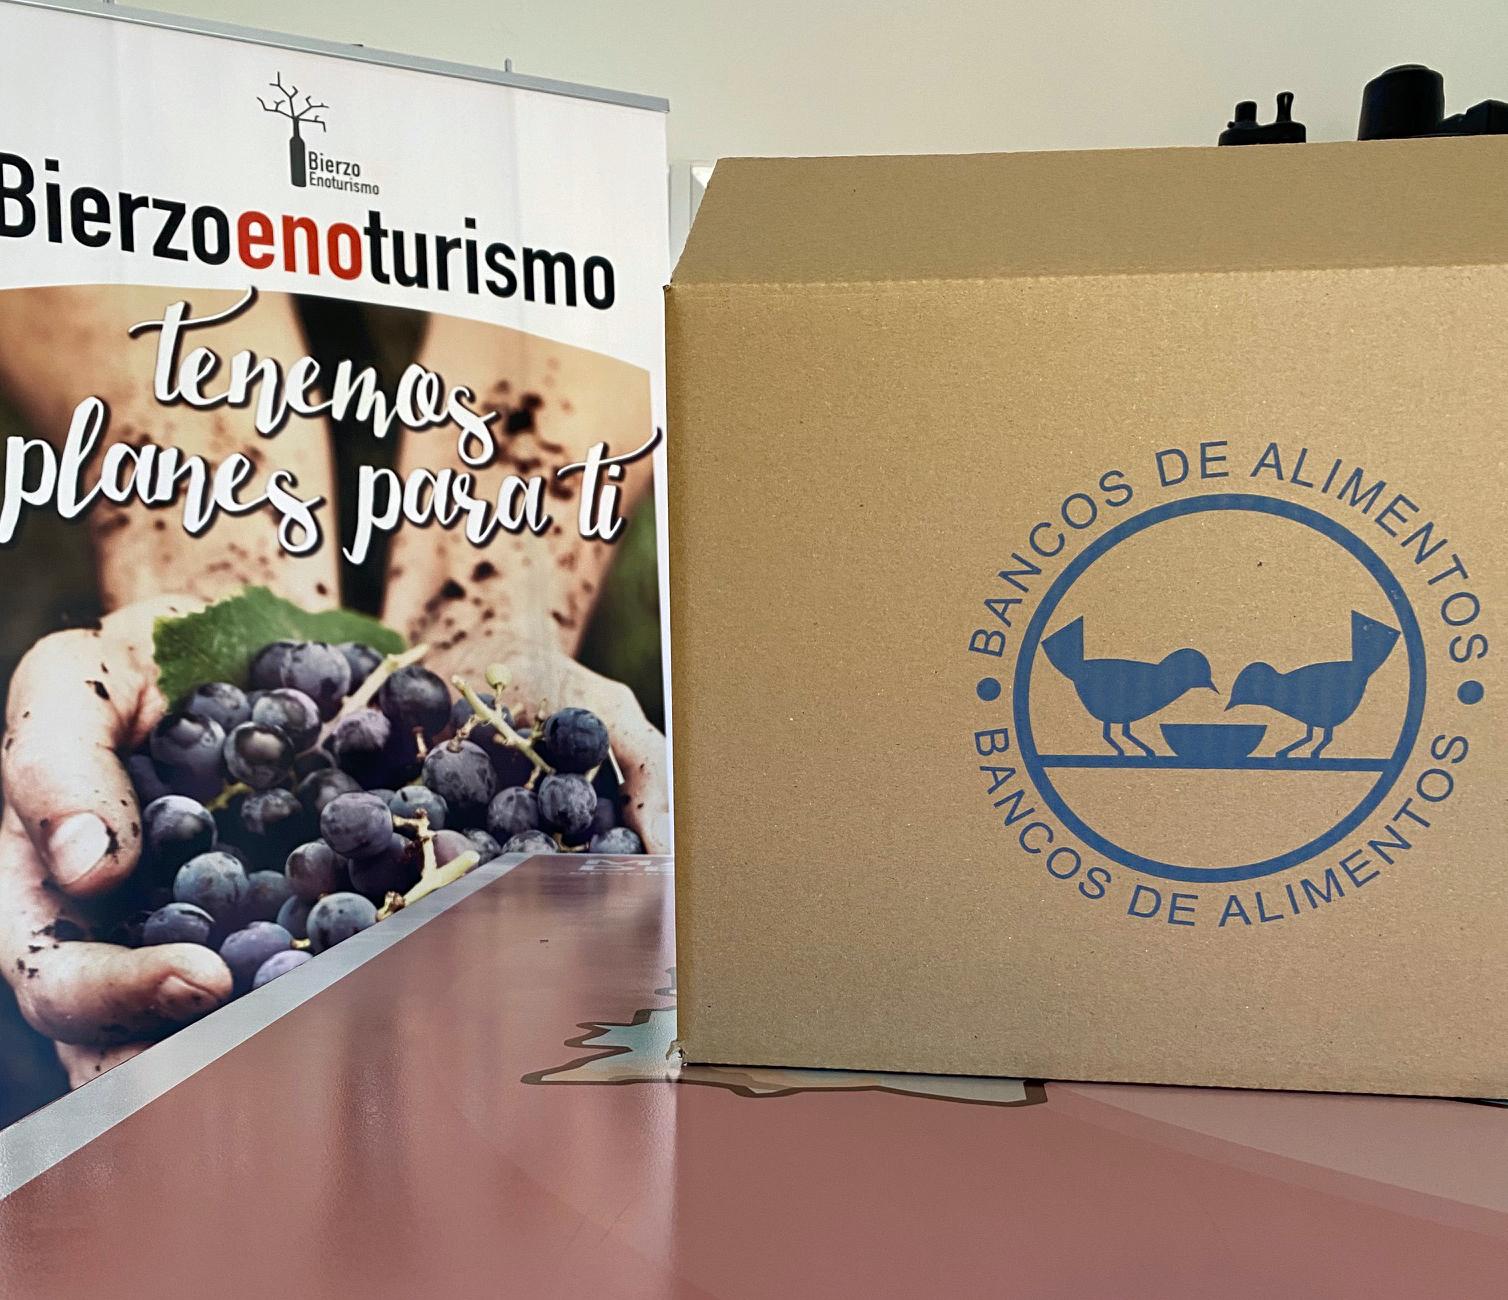 Bierzo Enoturismo pone en marcha una campaña solidaria junto con el Banco de Alimentos del Sil 3